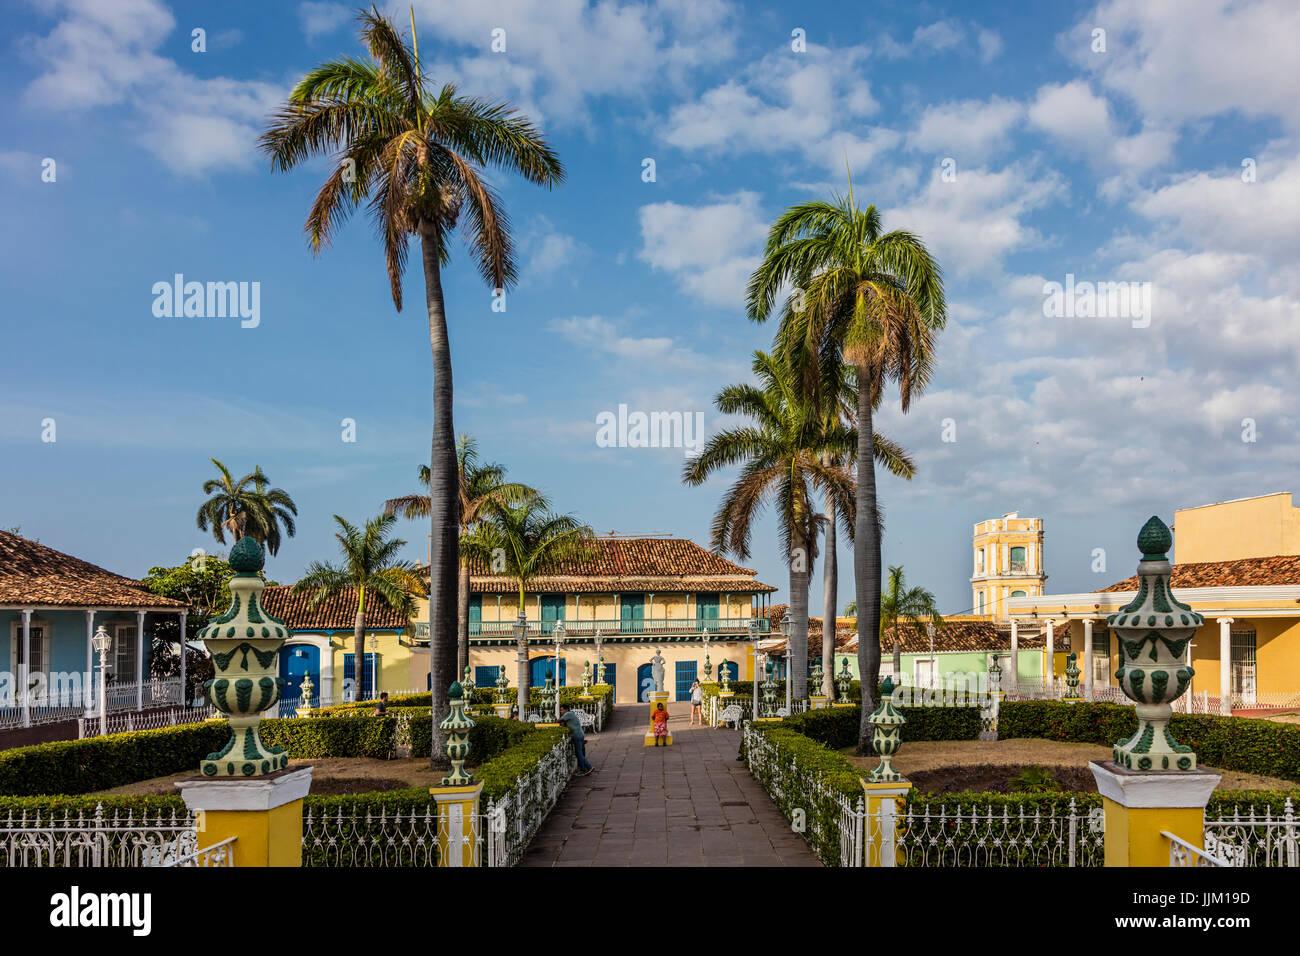 La PLAZA MAYOR è circondato da edifici storici nel cuore della città - Trinidad, Cuba Immagini Stock